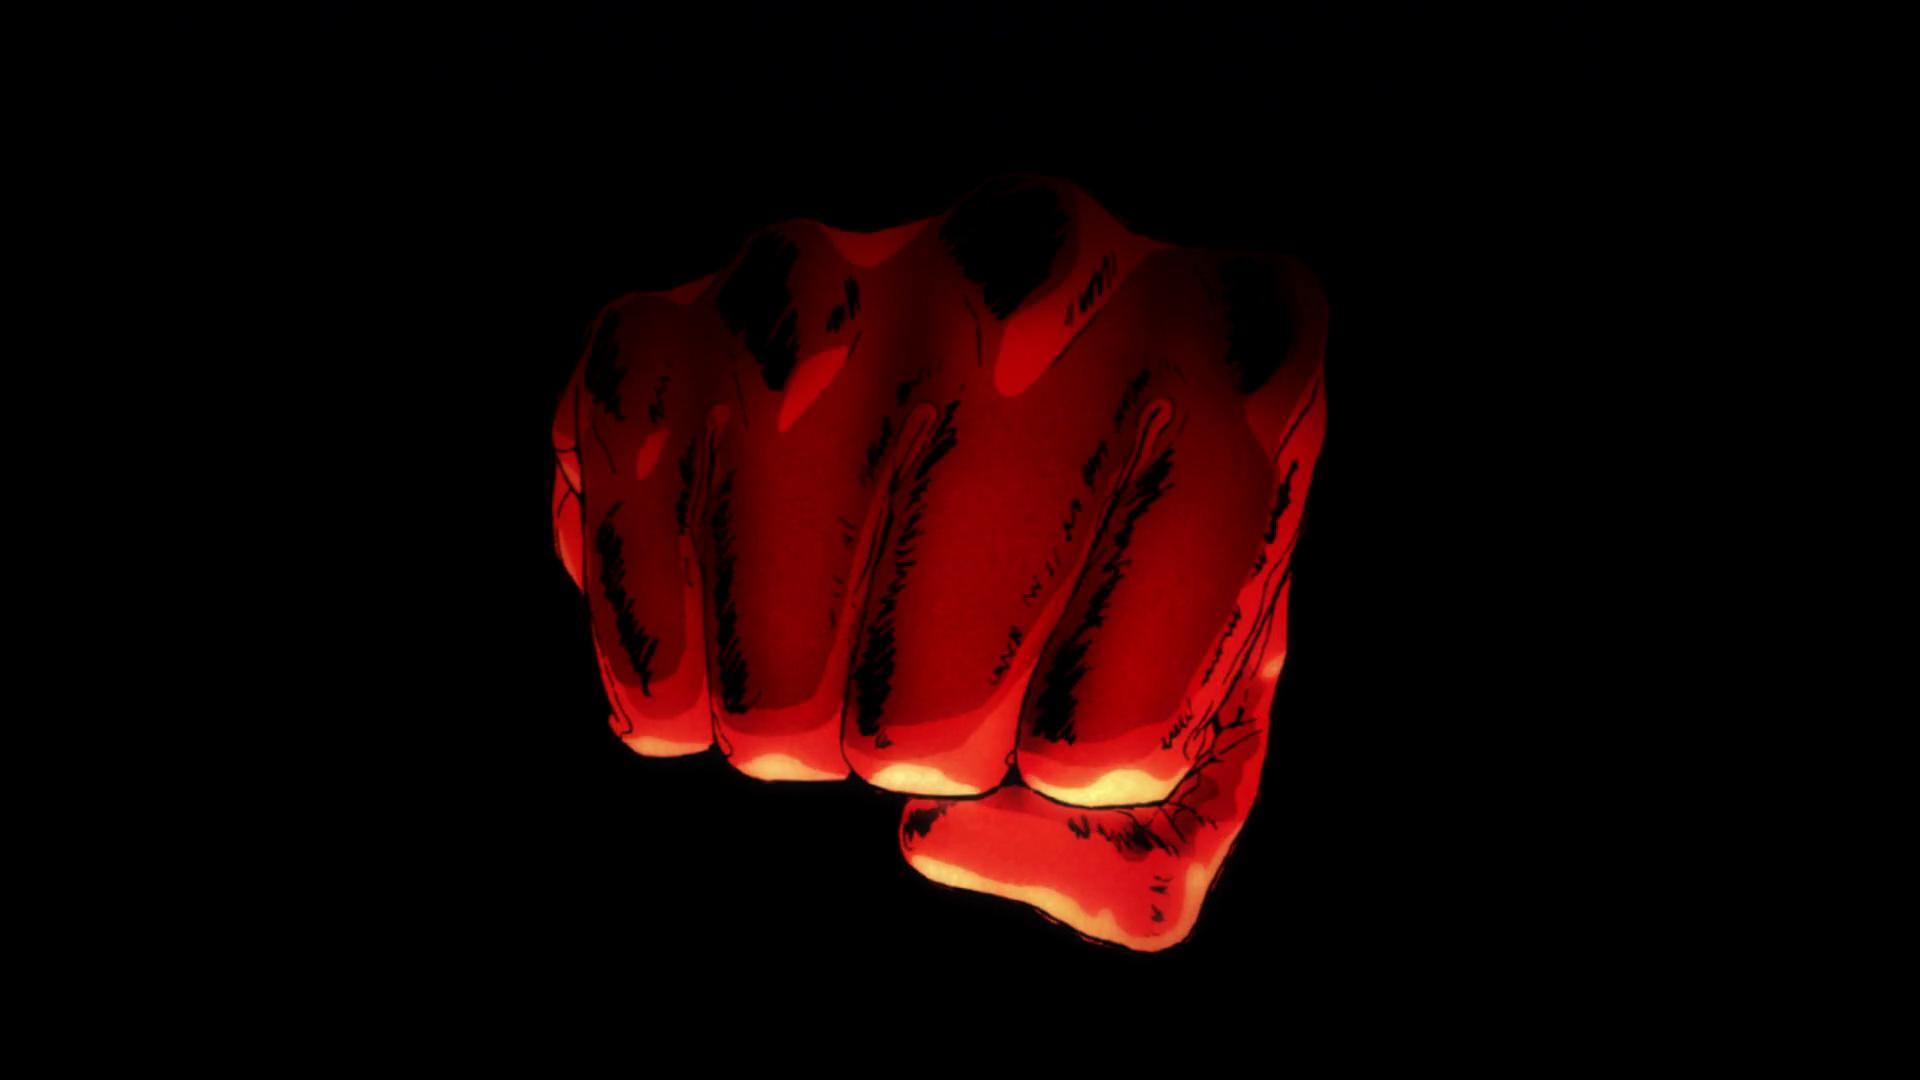 Desktop Wallpaper Saitama, One Punch Man, Anime, Hd Image ...